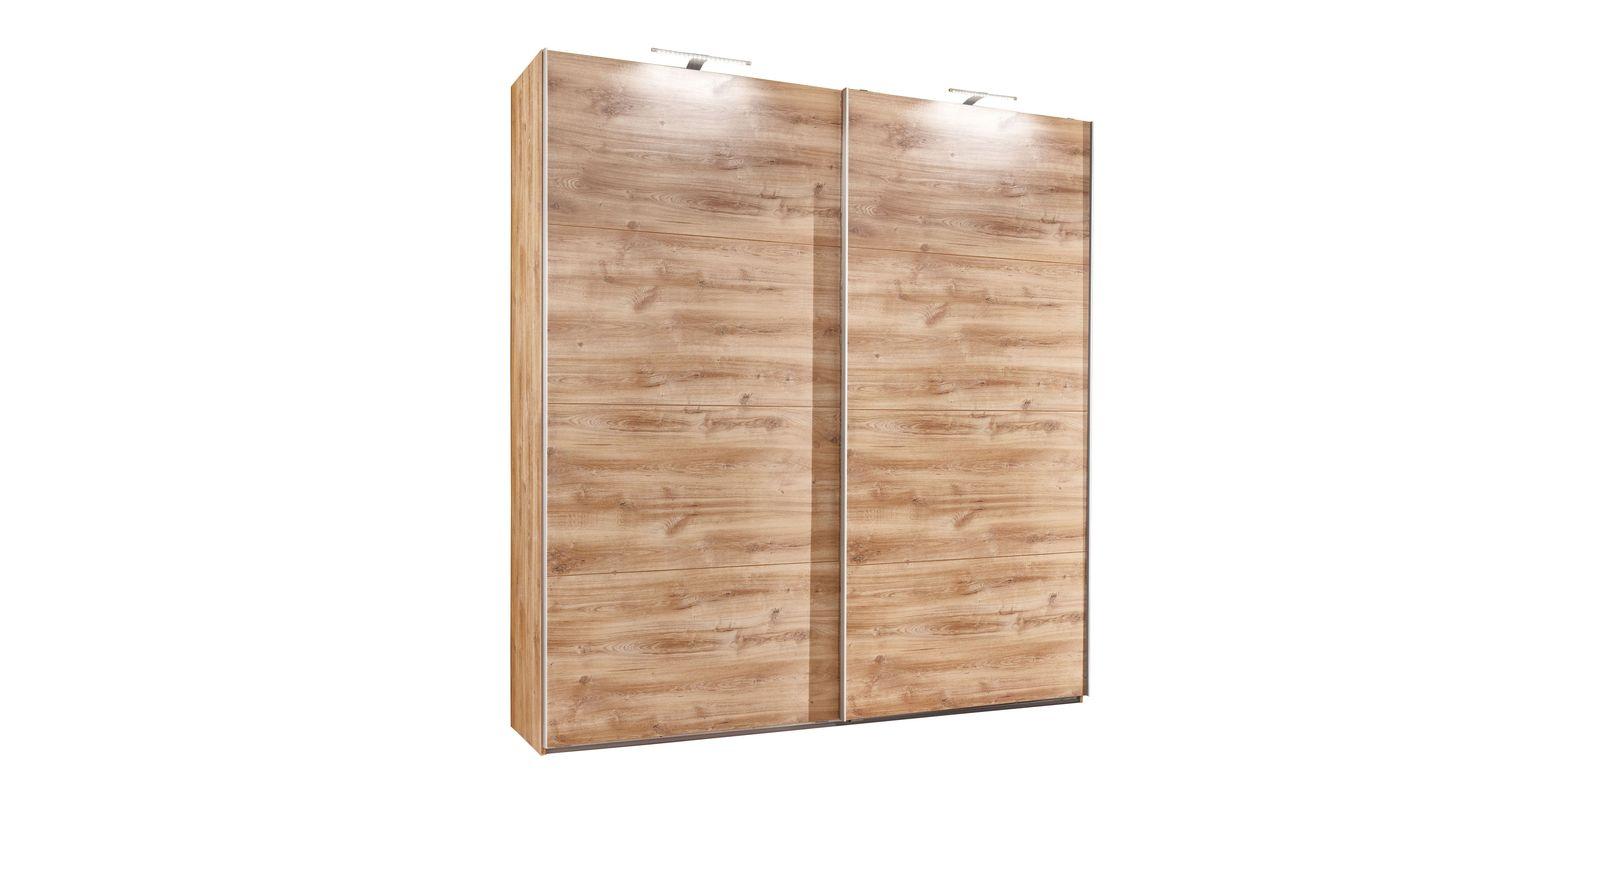 Schwebetüren-Kleiderschrank Loano in der schmalen Ausführung